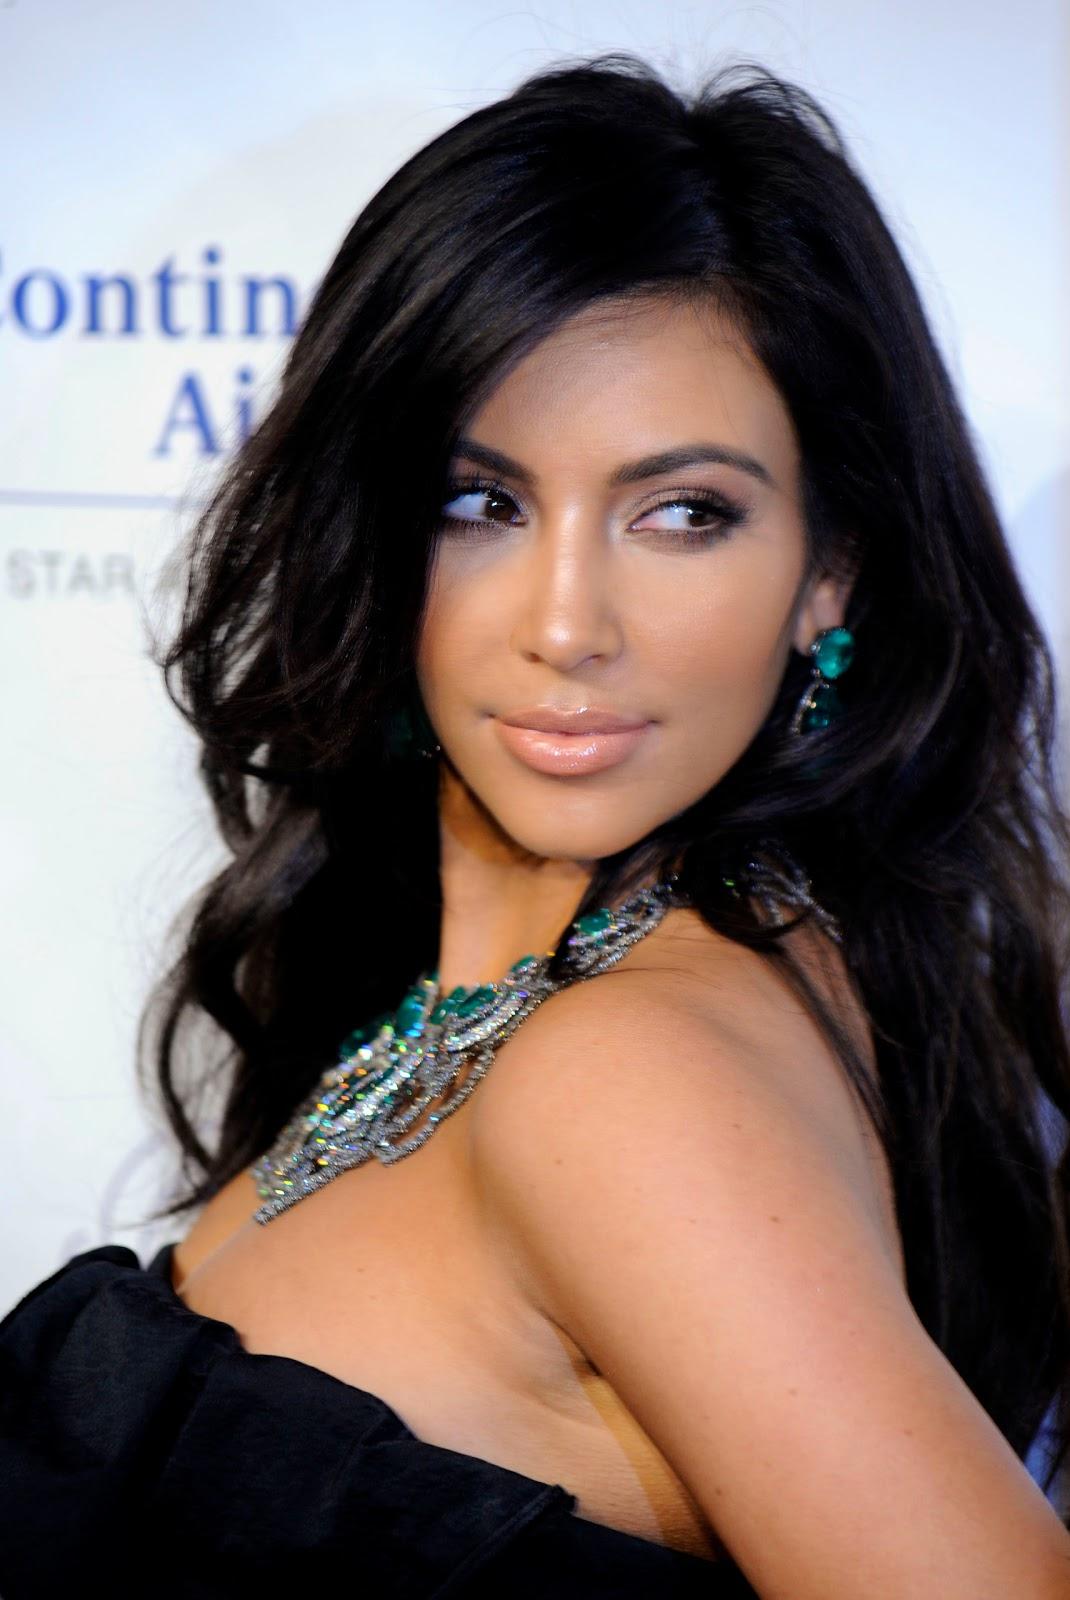 http://3.bp.blogspot.com/-f0RcJSLN36A/TdN01du9WGI/AAAAAAAAAuQ/ZqeNsmwHl0A/s1600/Kim+Kardashian.jpg